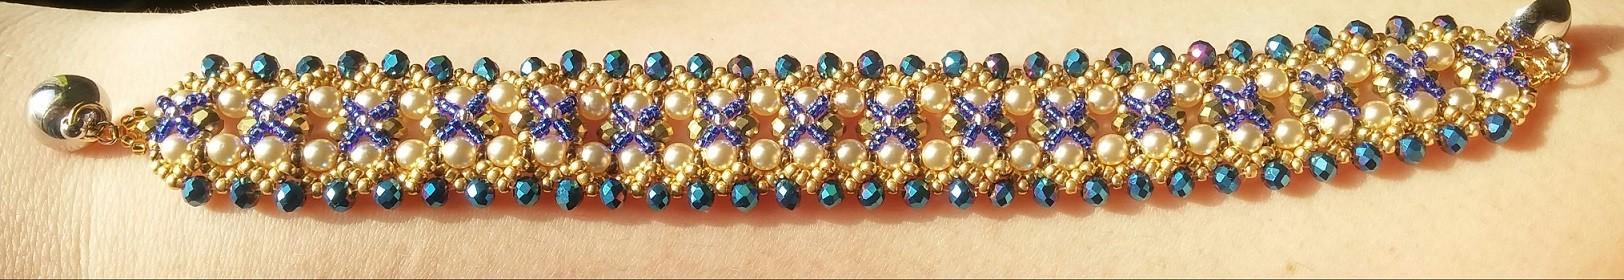 Bracciale dorato perle bianche e perle blu aperto